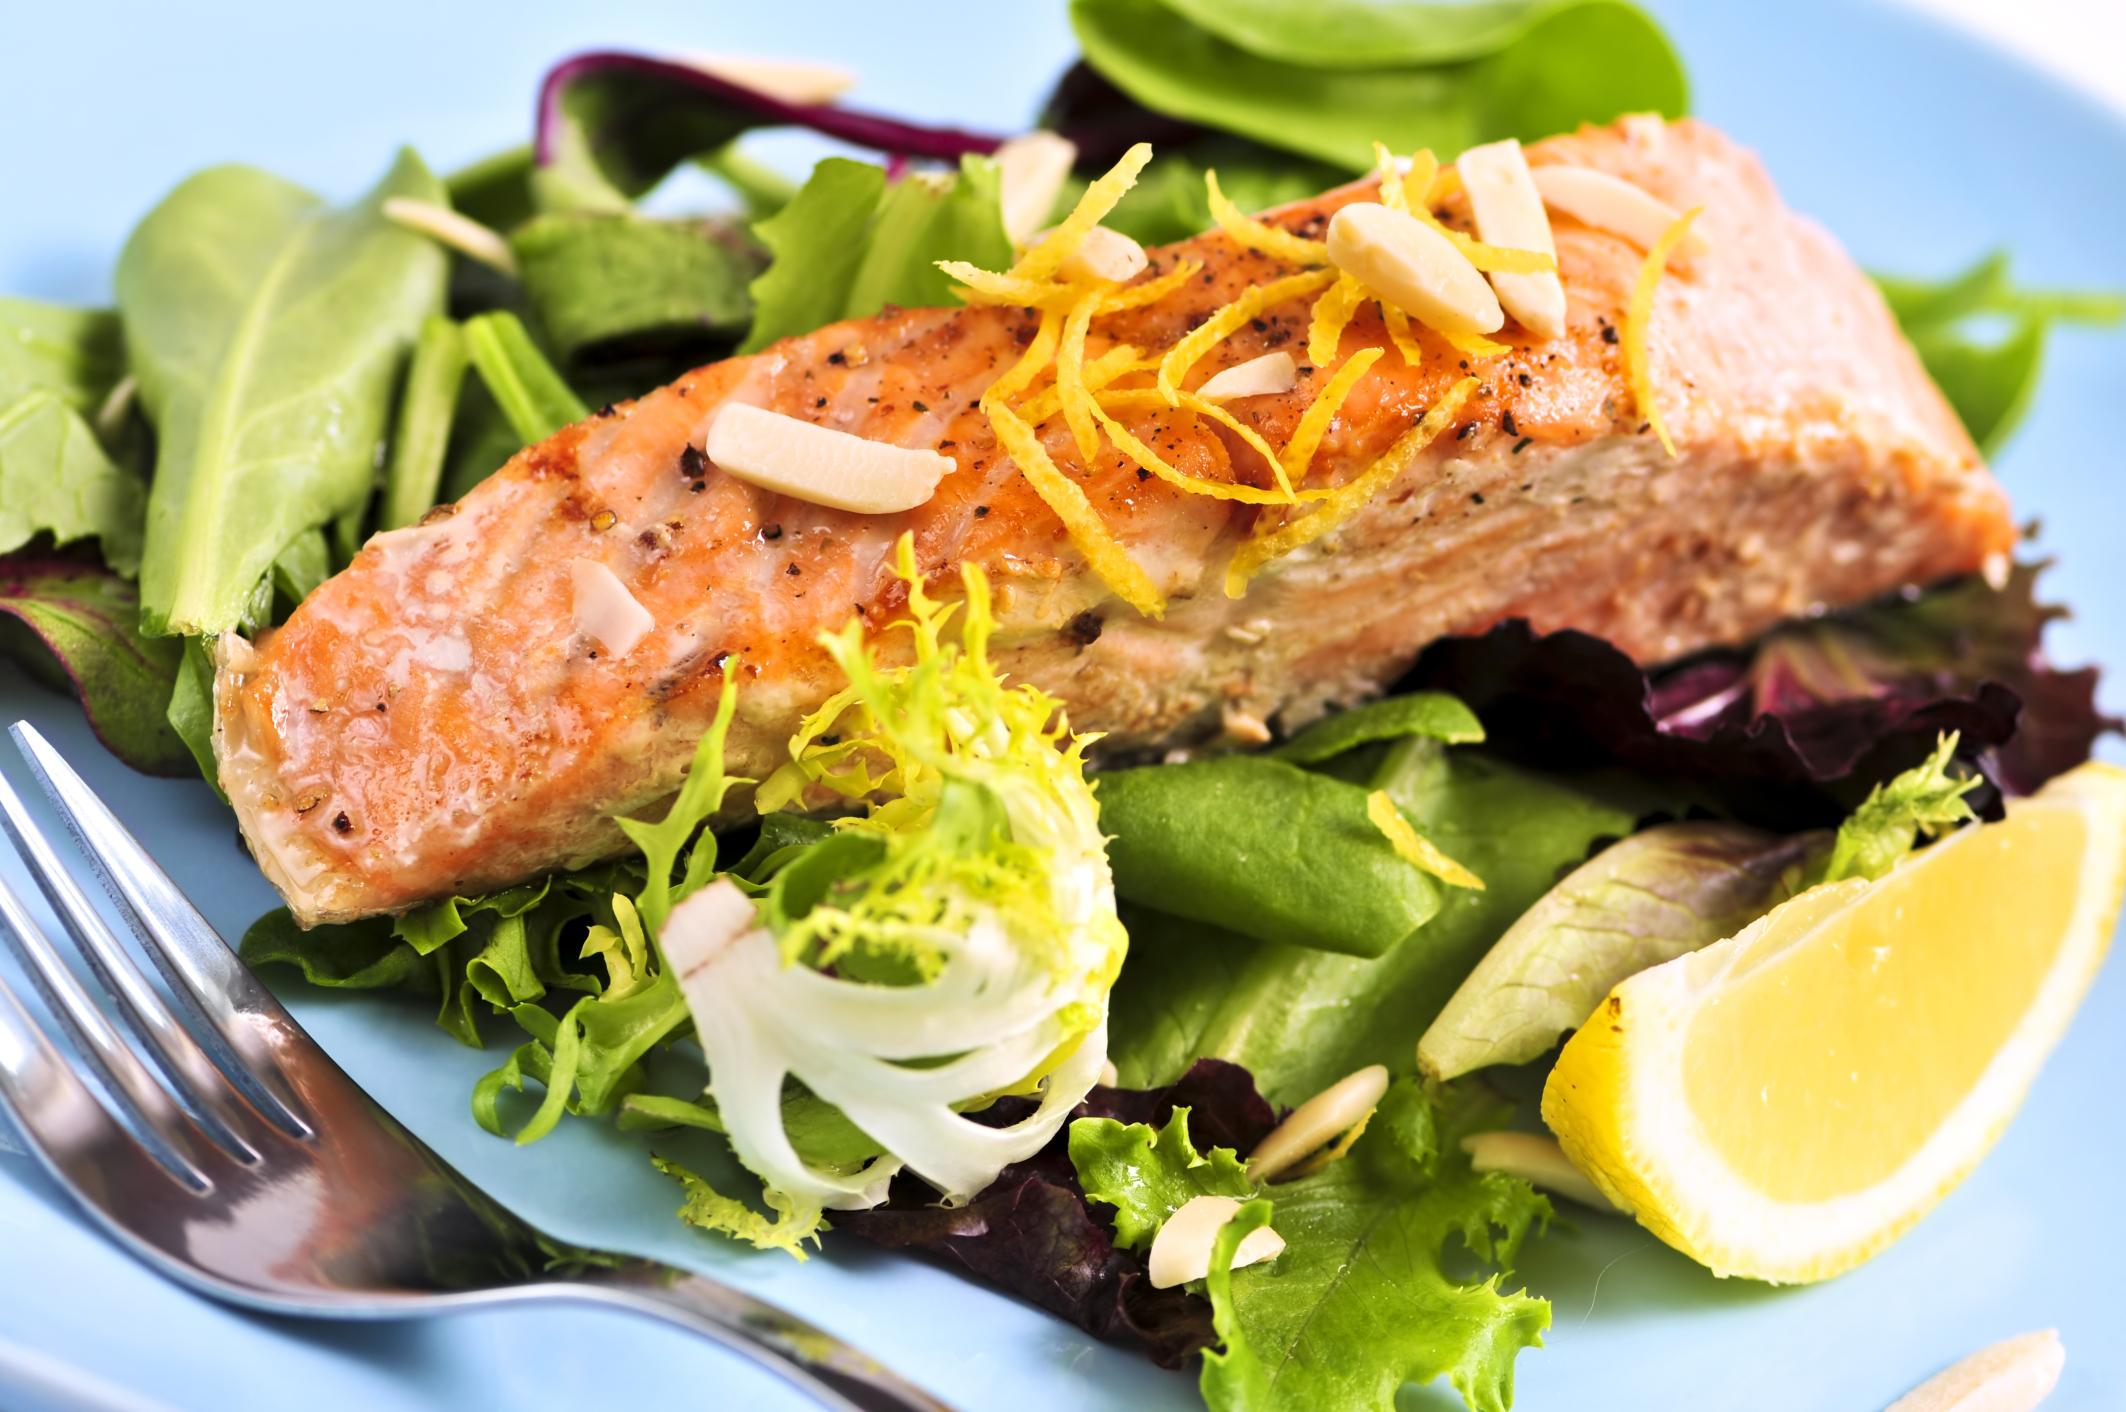 filetes_de_salmon_escalfado1.jpg